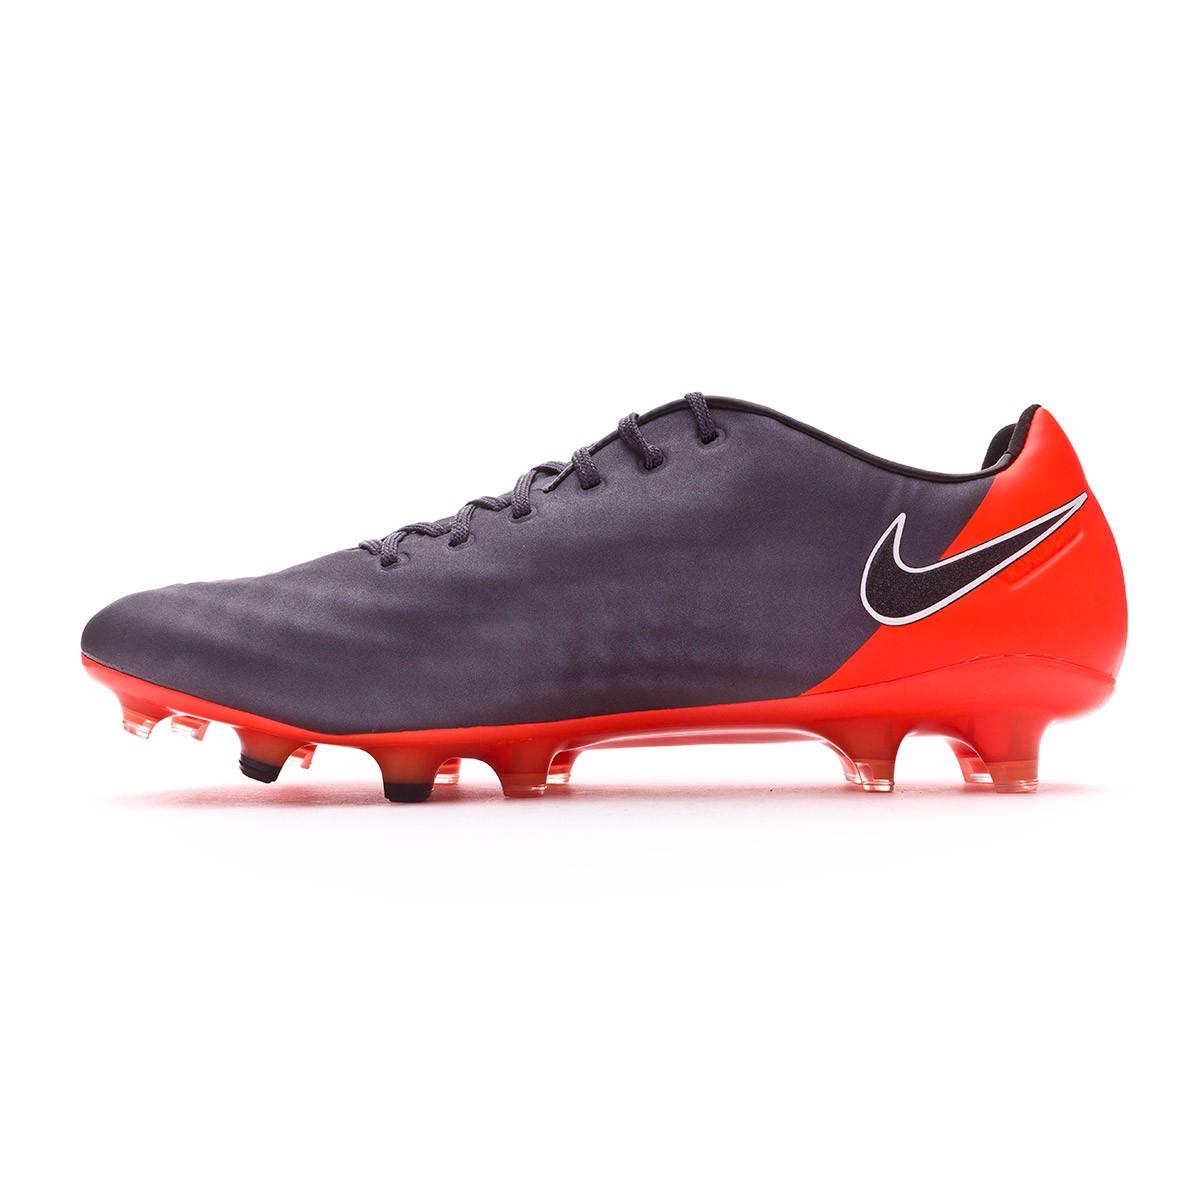 3ff6b8a3a1843 Football Boots Nike Magista Obra II Elite FG Dark grey-Black-Total orange- White - Tienda de fútbol Fútbol Emotion